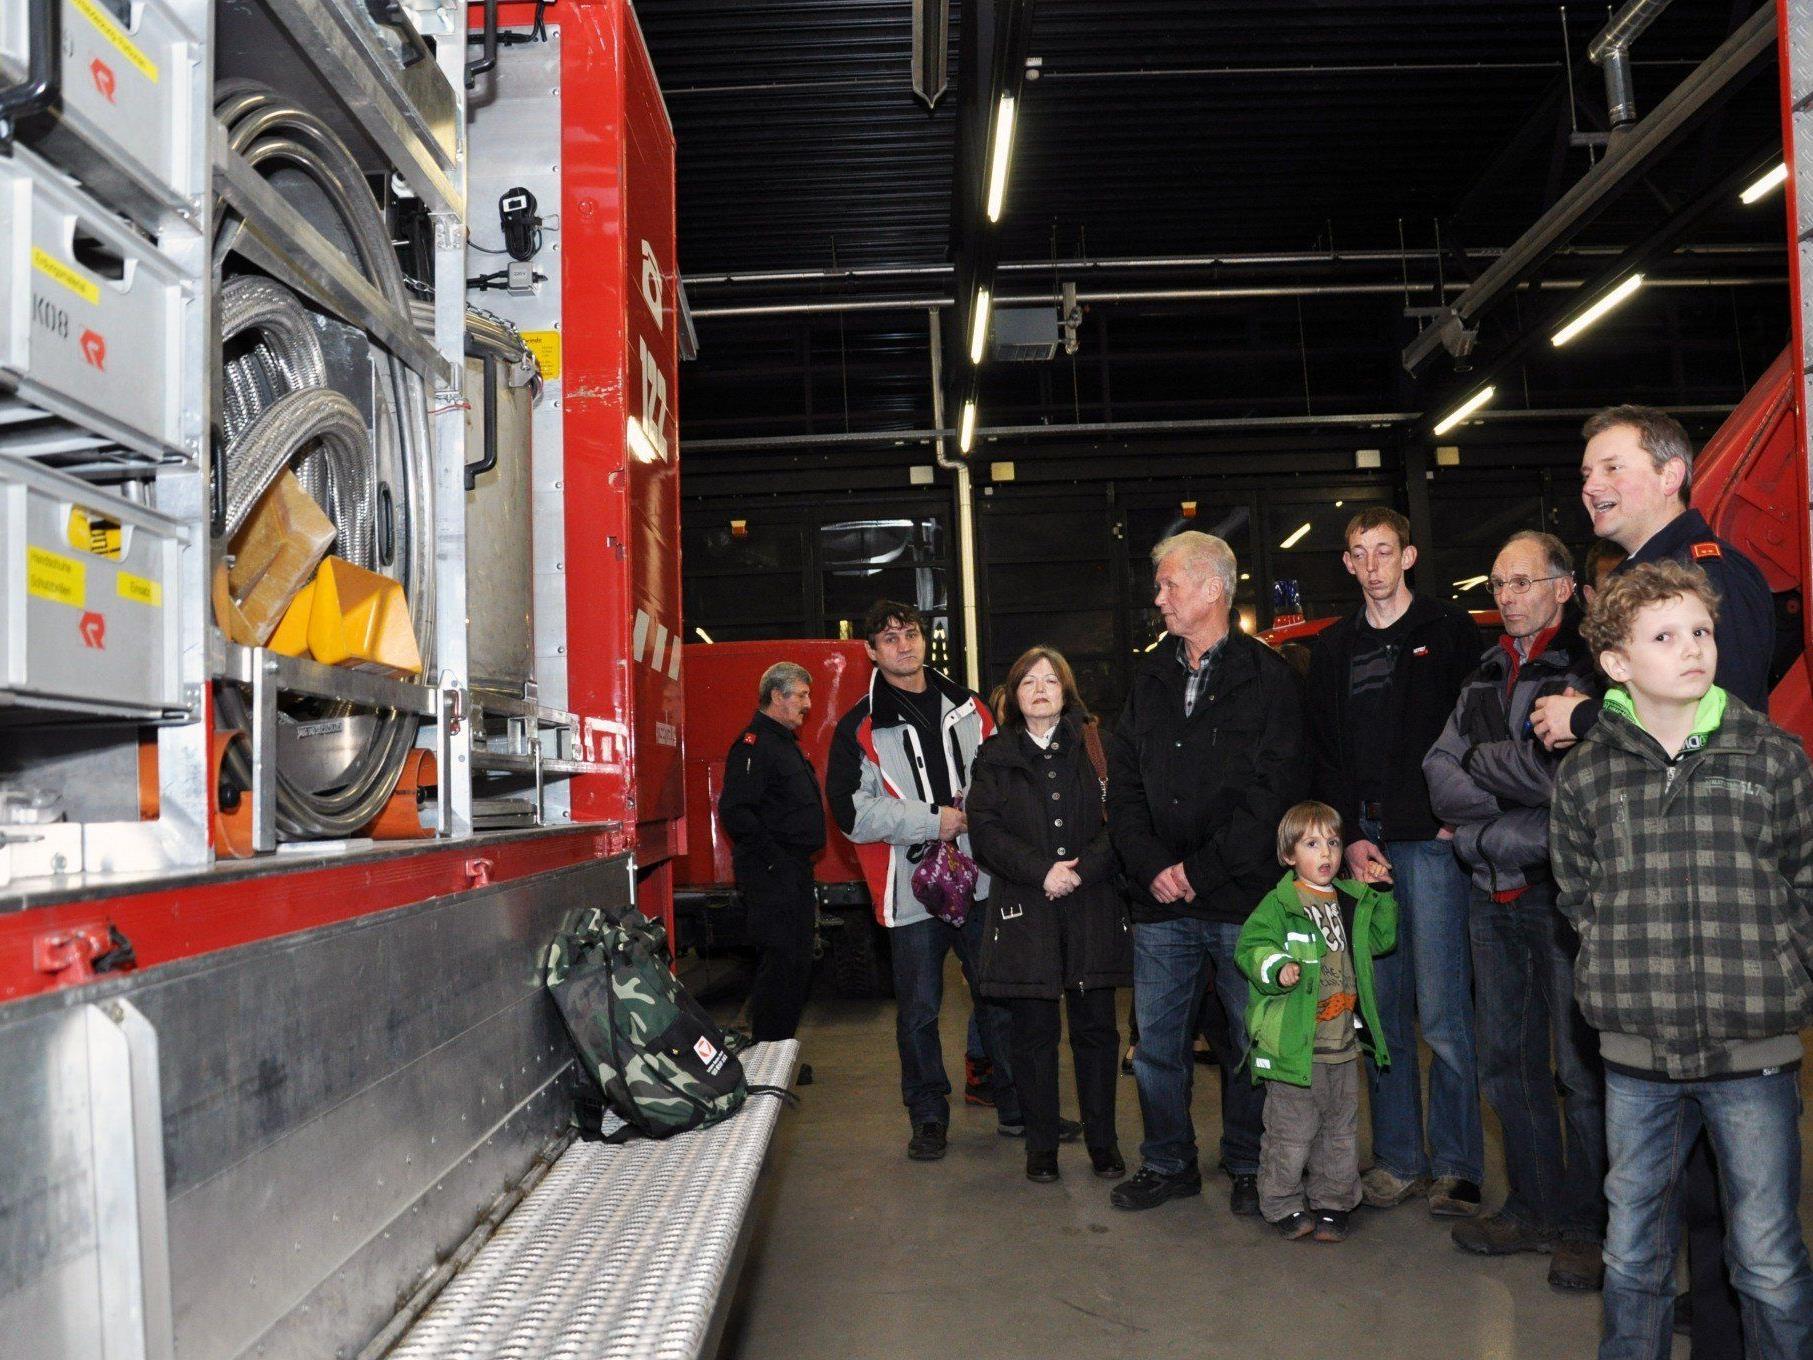 Zahlreiche Besucher nutzten die Gelegenheit für einen Blick hinter die Kulissen der Feuerwehr.